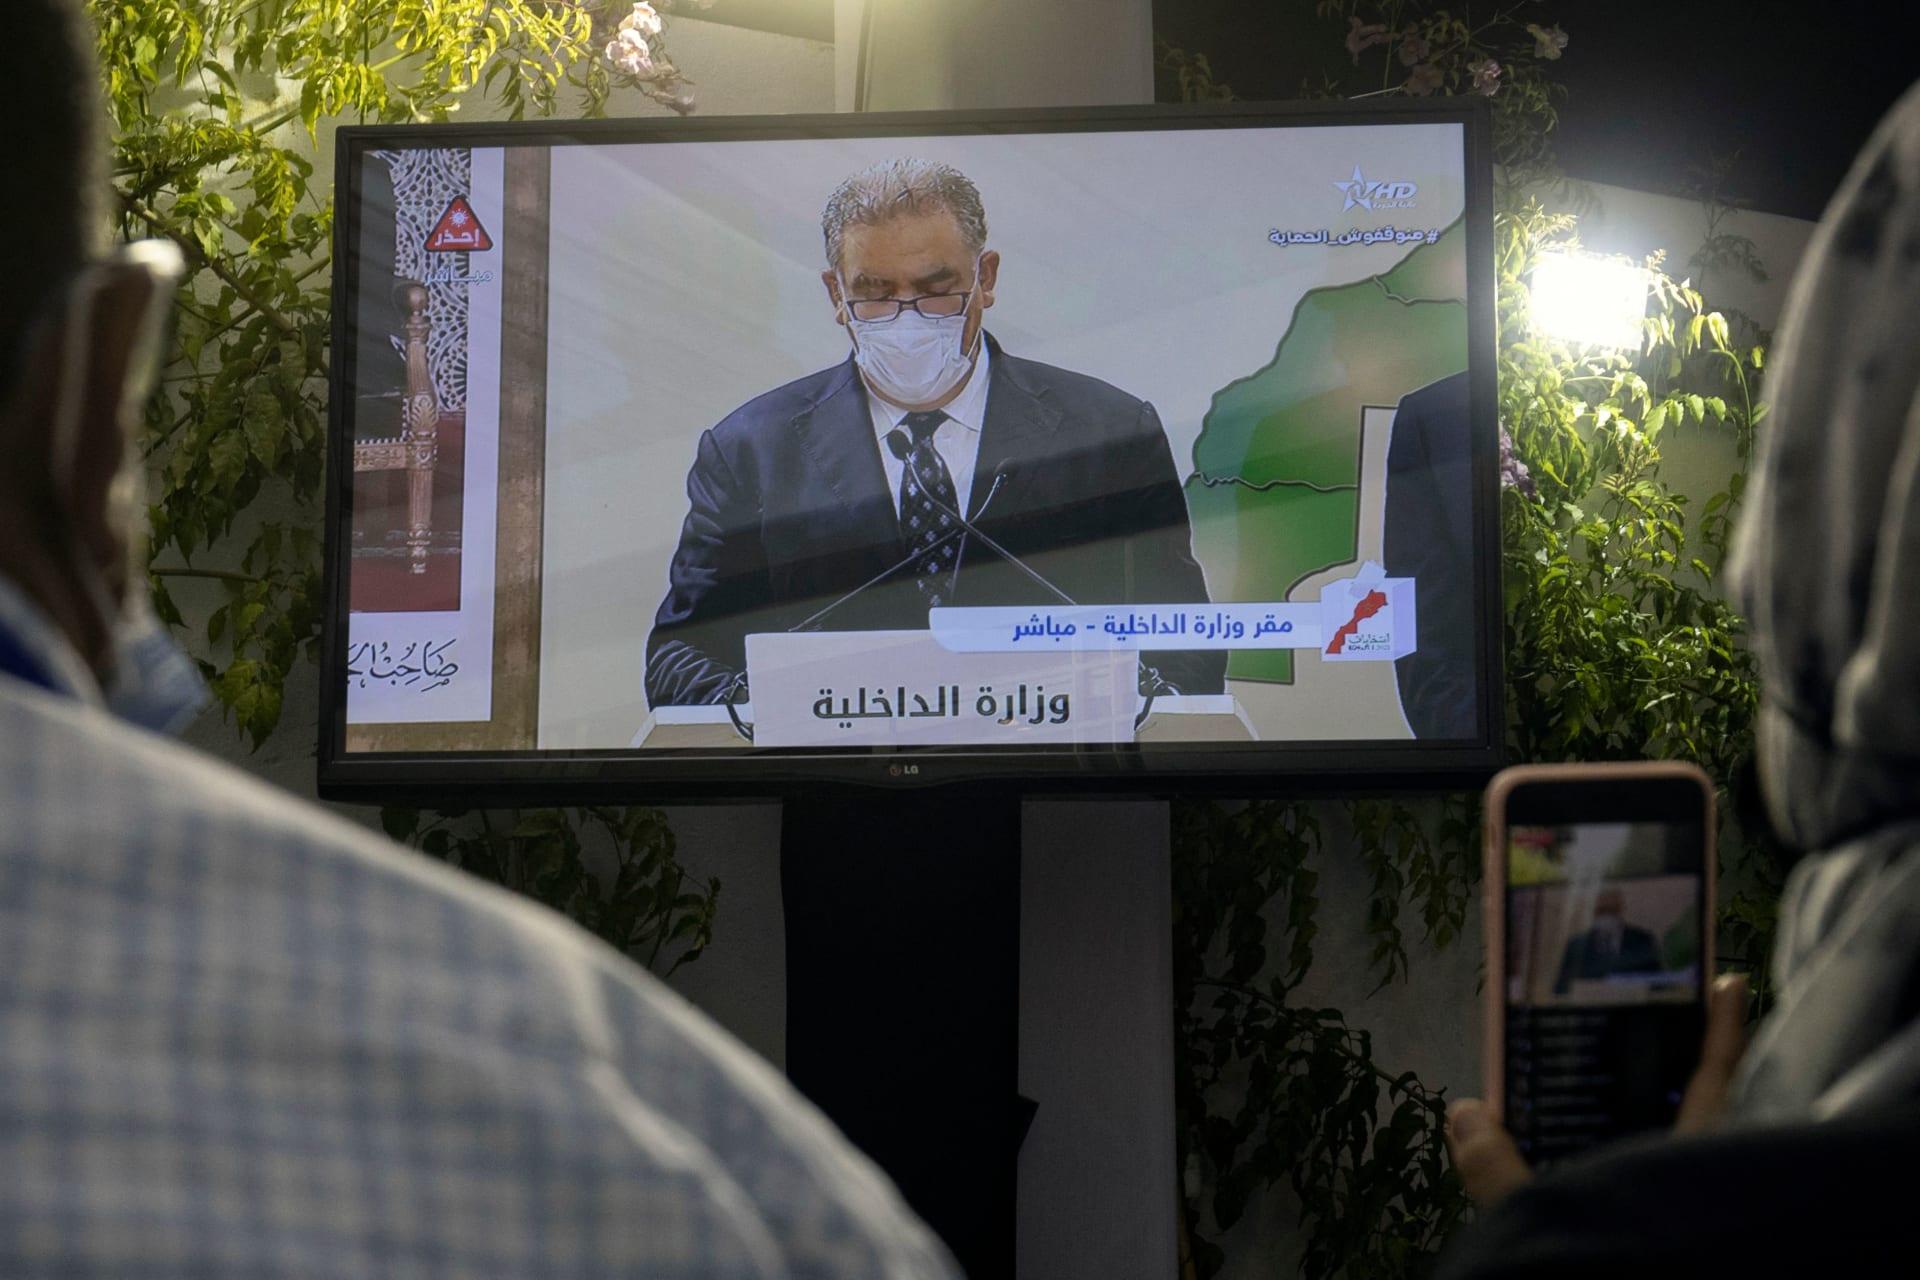 صحفيون يتابعون مؤتمرا صحفيا لوزير الداخلية المغربي عبد الوافي لفتيت يعلن فيه نتائج الانتخابات البرلمانية